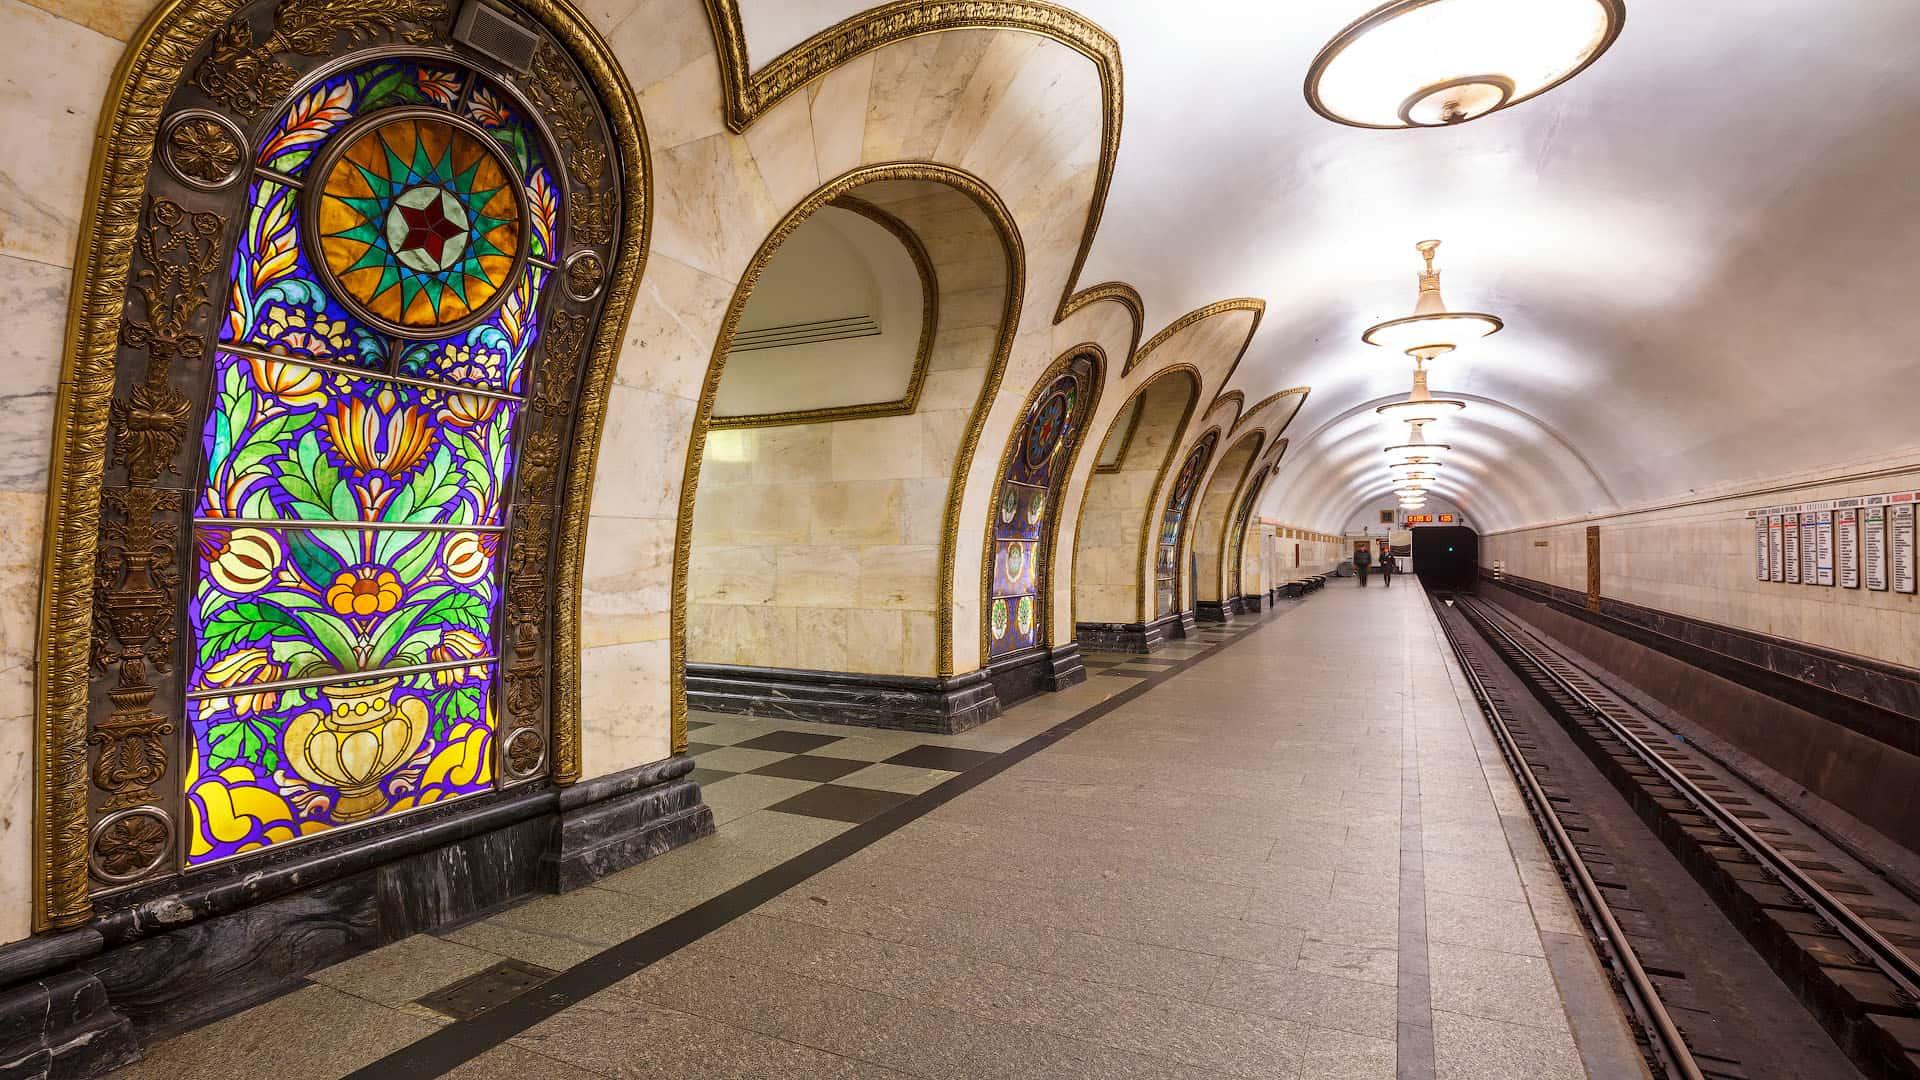 архитектура Столичное метро в деталях novoslobodskaya 14 1920x1080